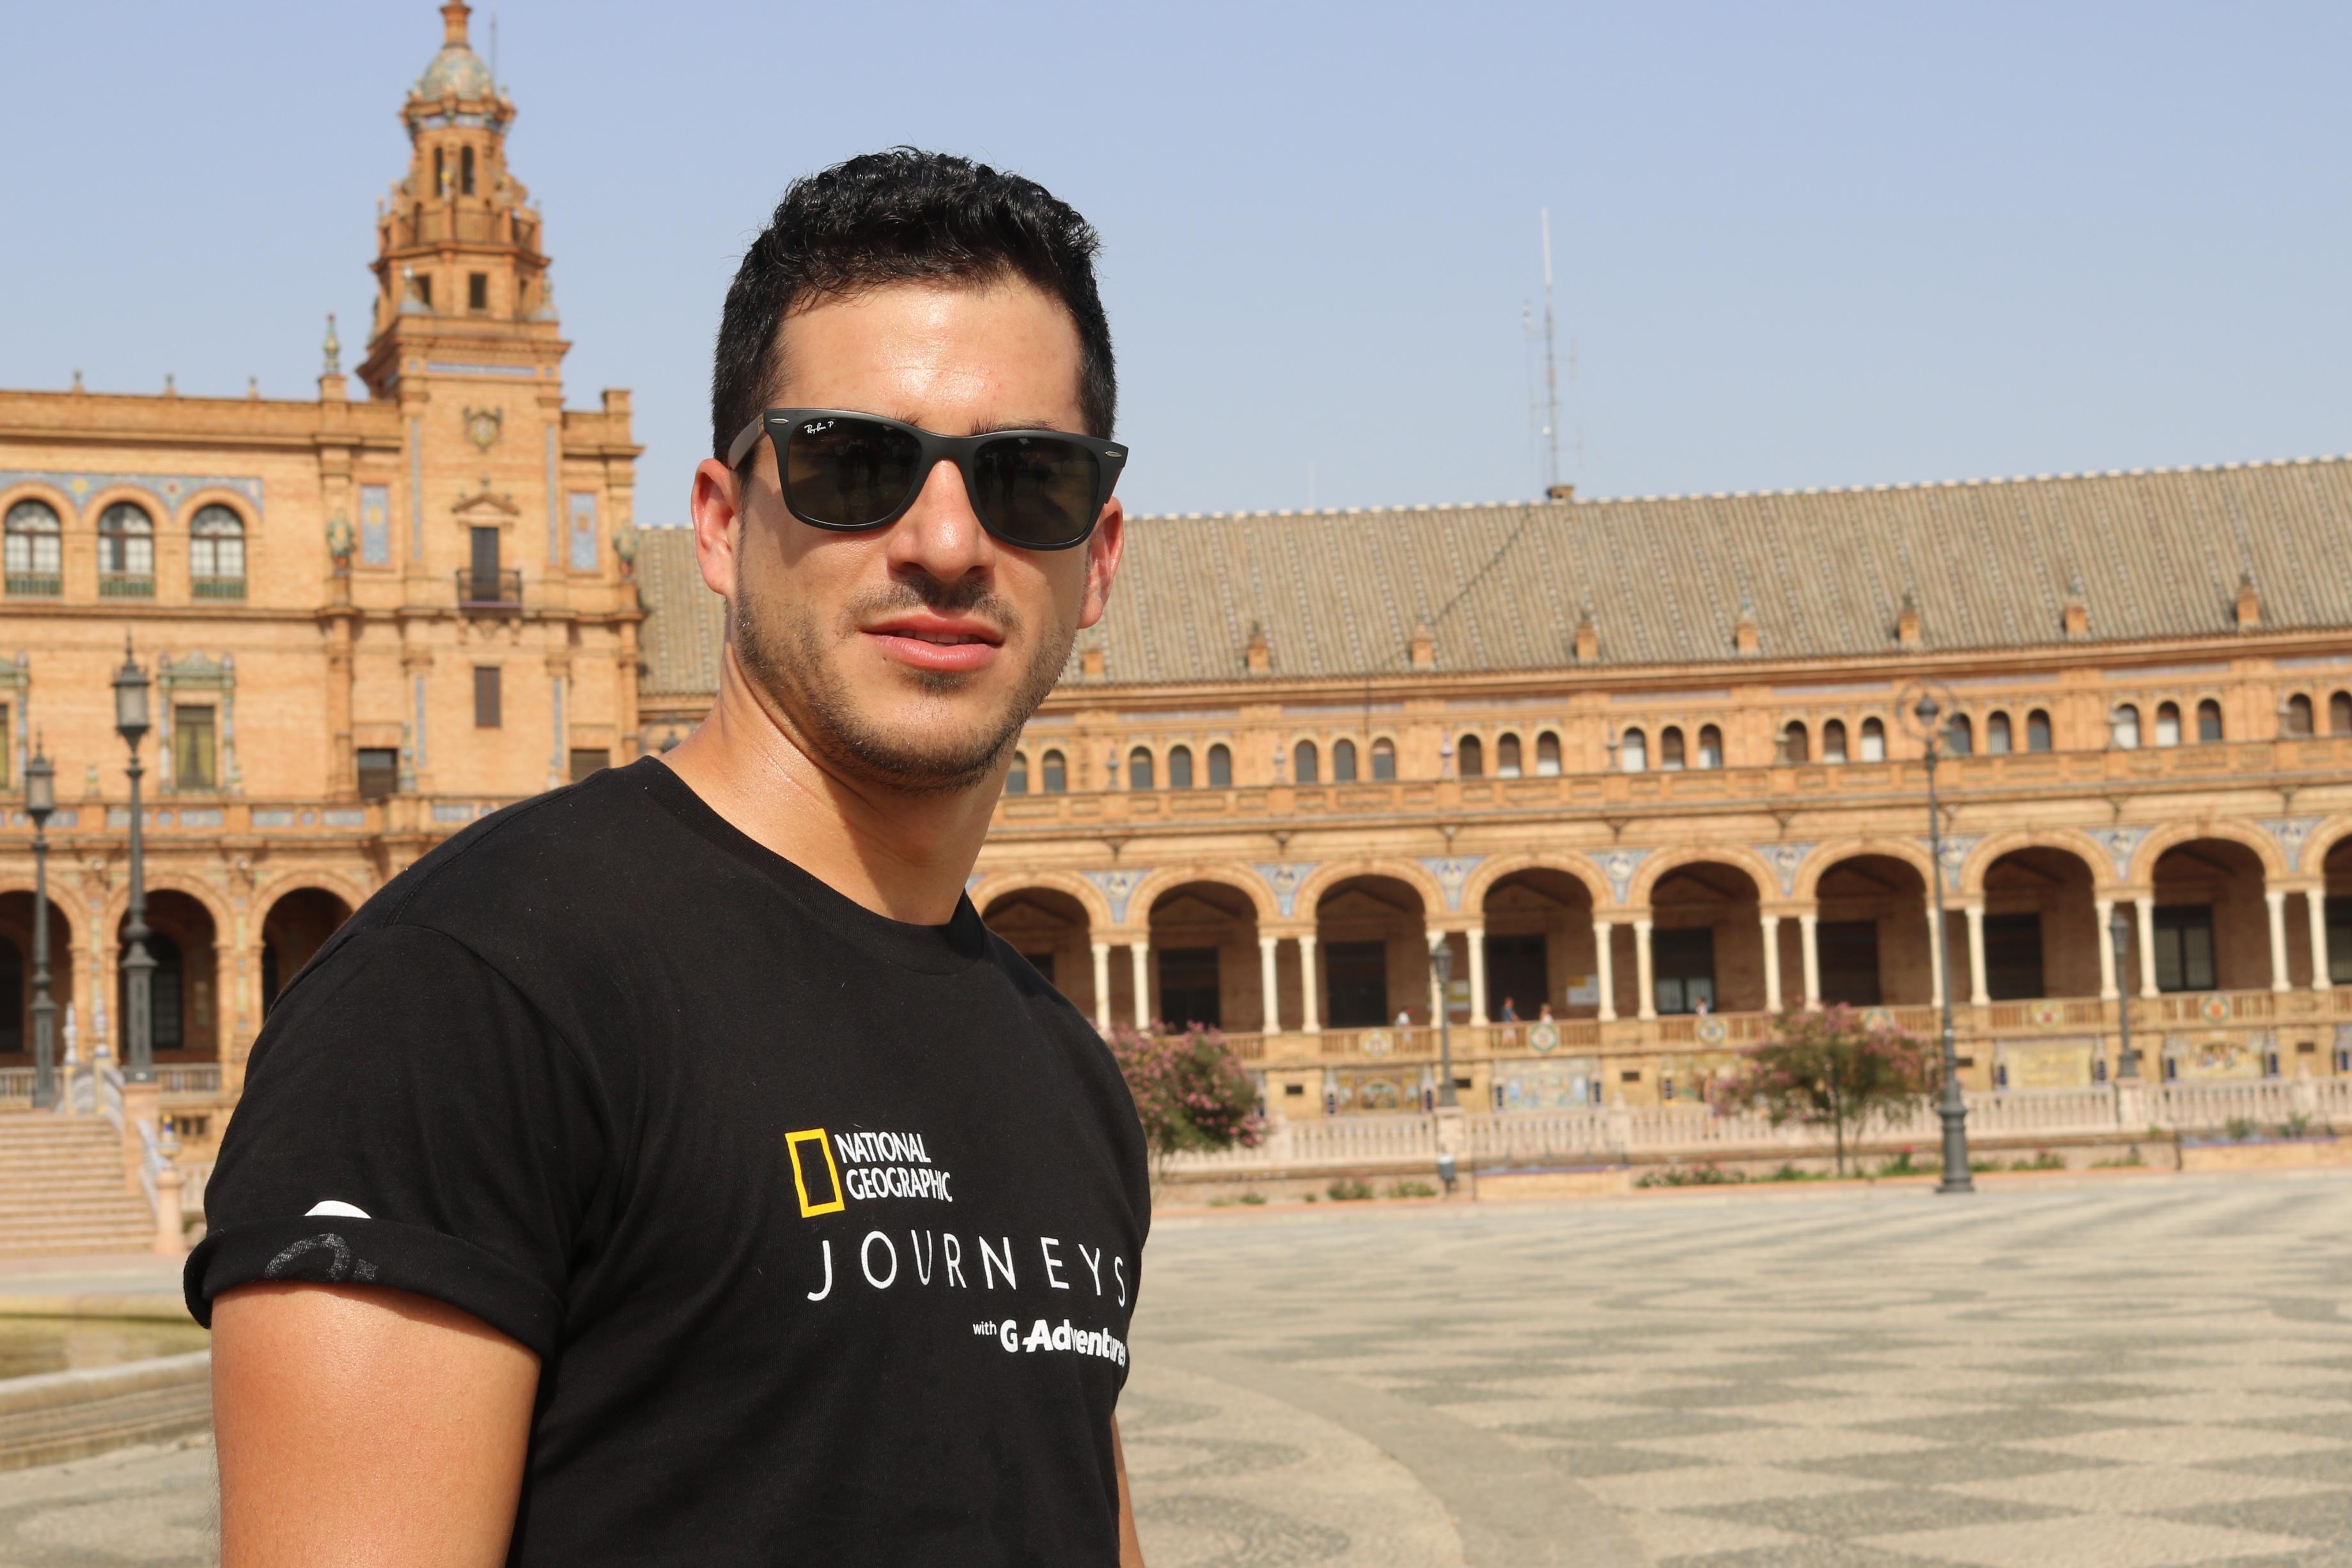 34 - Séville 7 - Notre guide, Lalo Garcia.jpg